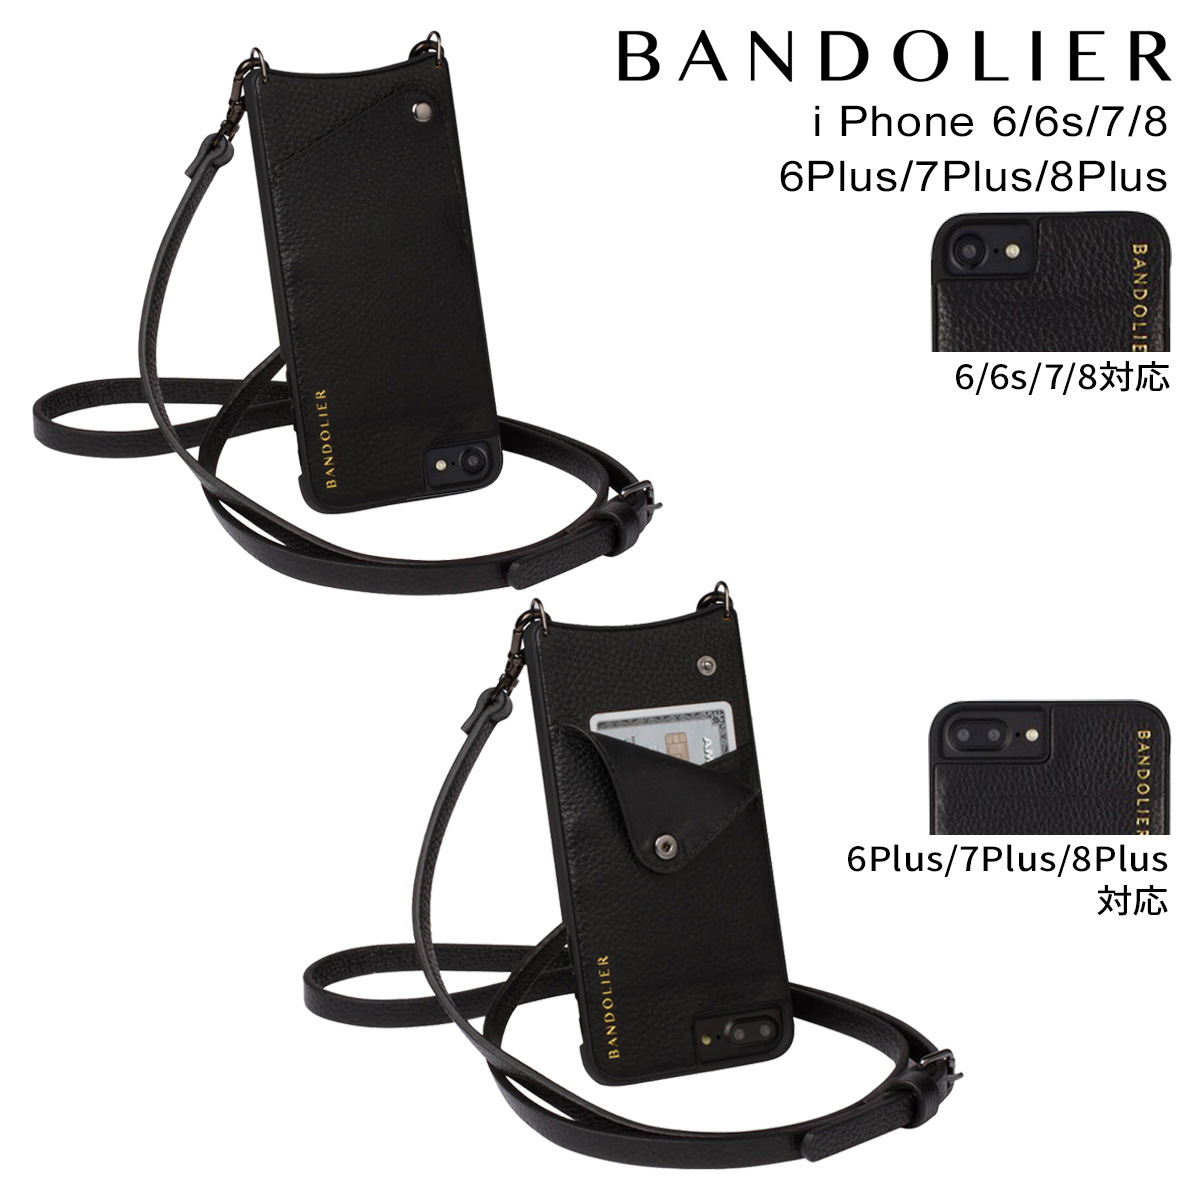 【最大2000円OFFクーポン】 BANDOLIER バンドリヤー iPhone8 iPhone7 7Plus 6s ケース スマホ アイフォン プラス EMMA メンズ レディース レザー ブラック [3/18 再入荷]